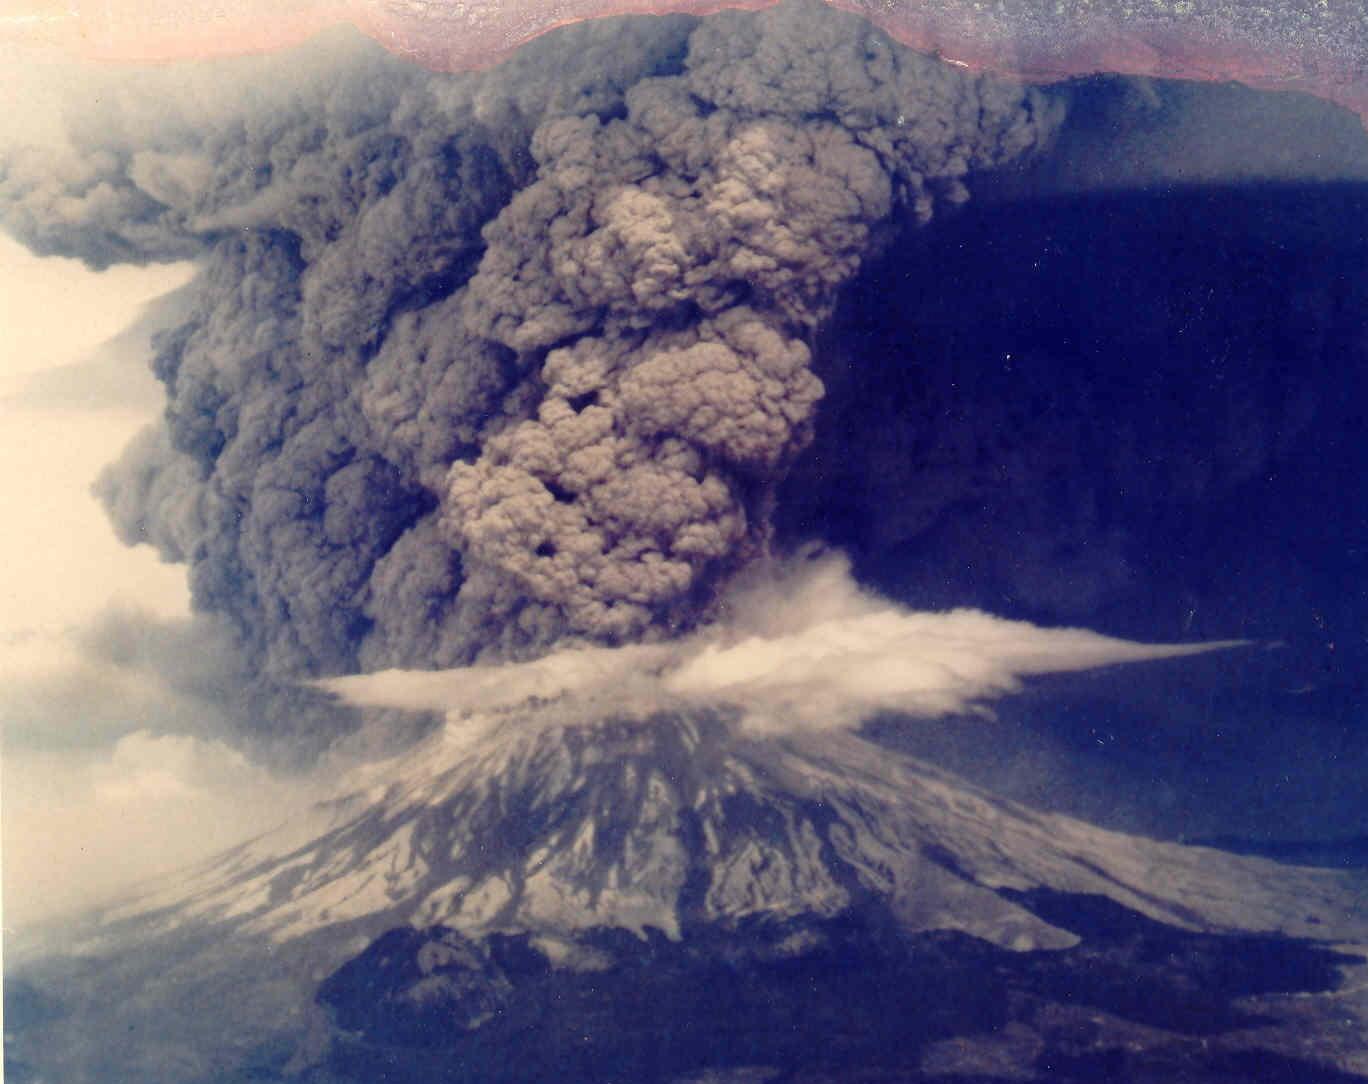 Gambar 1: Gunung Merapi sedang mengeluarkan asap debu